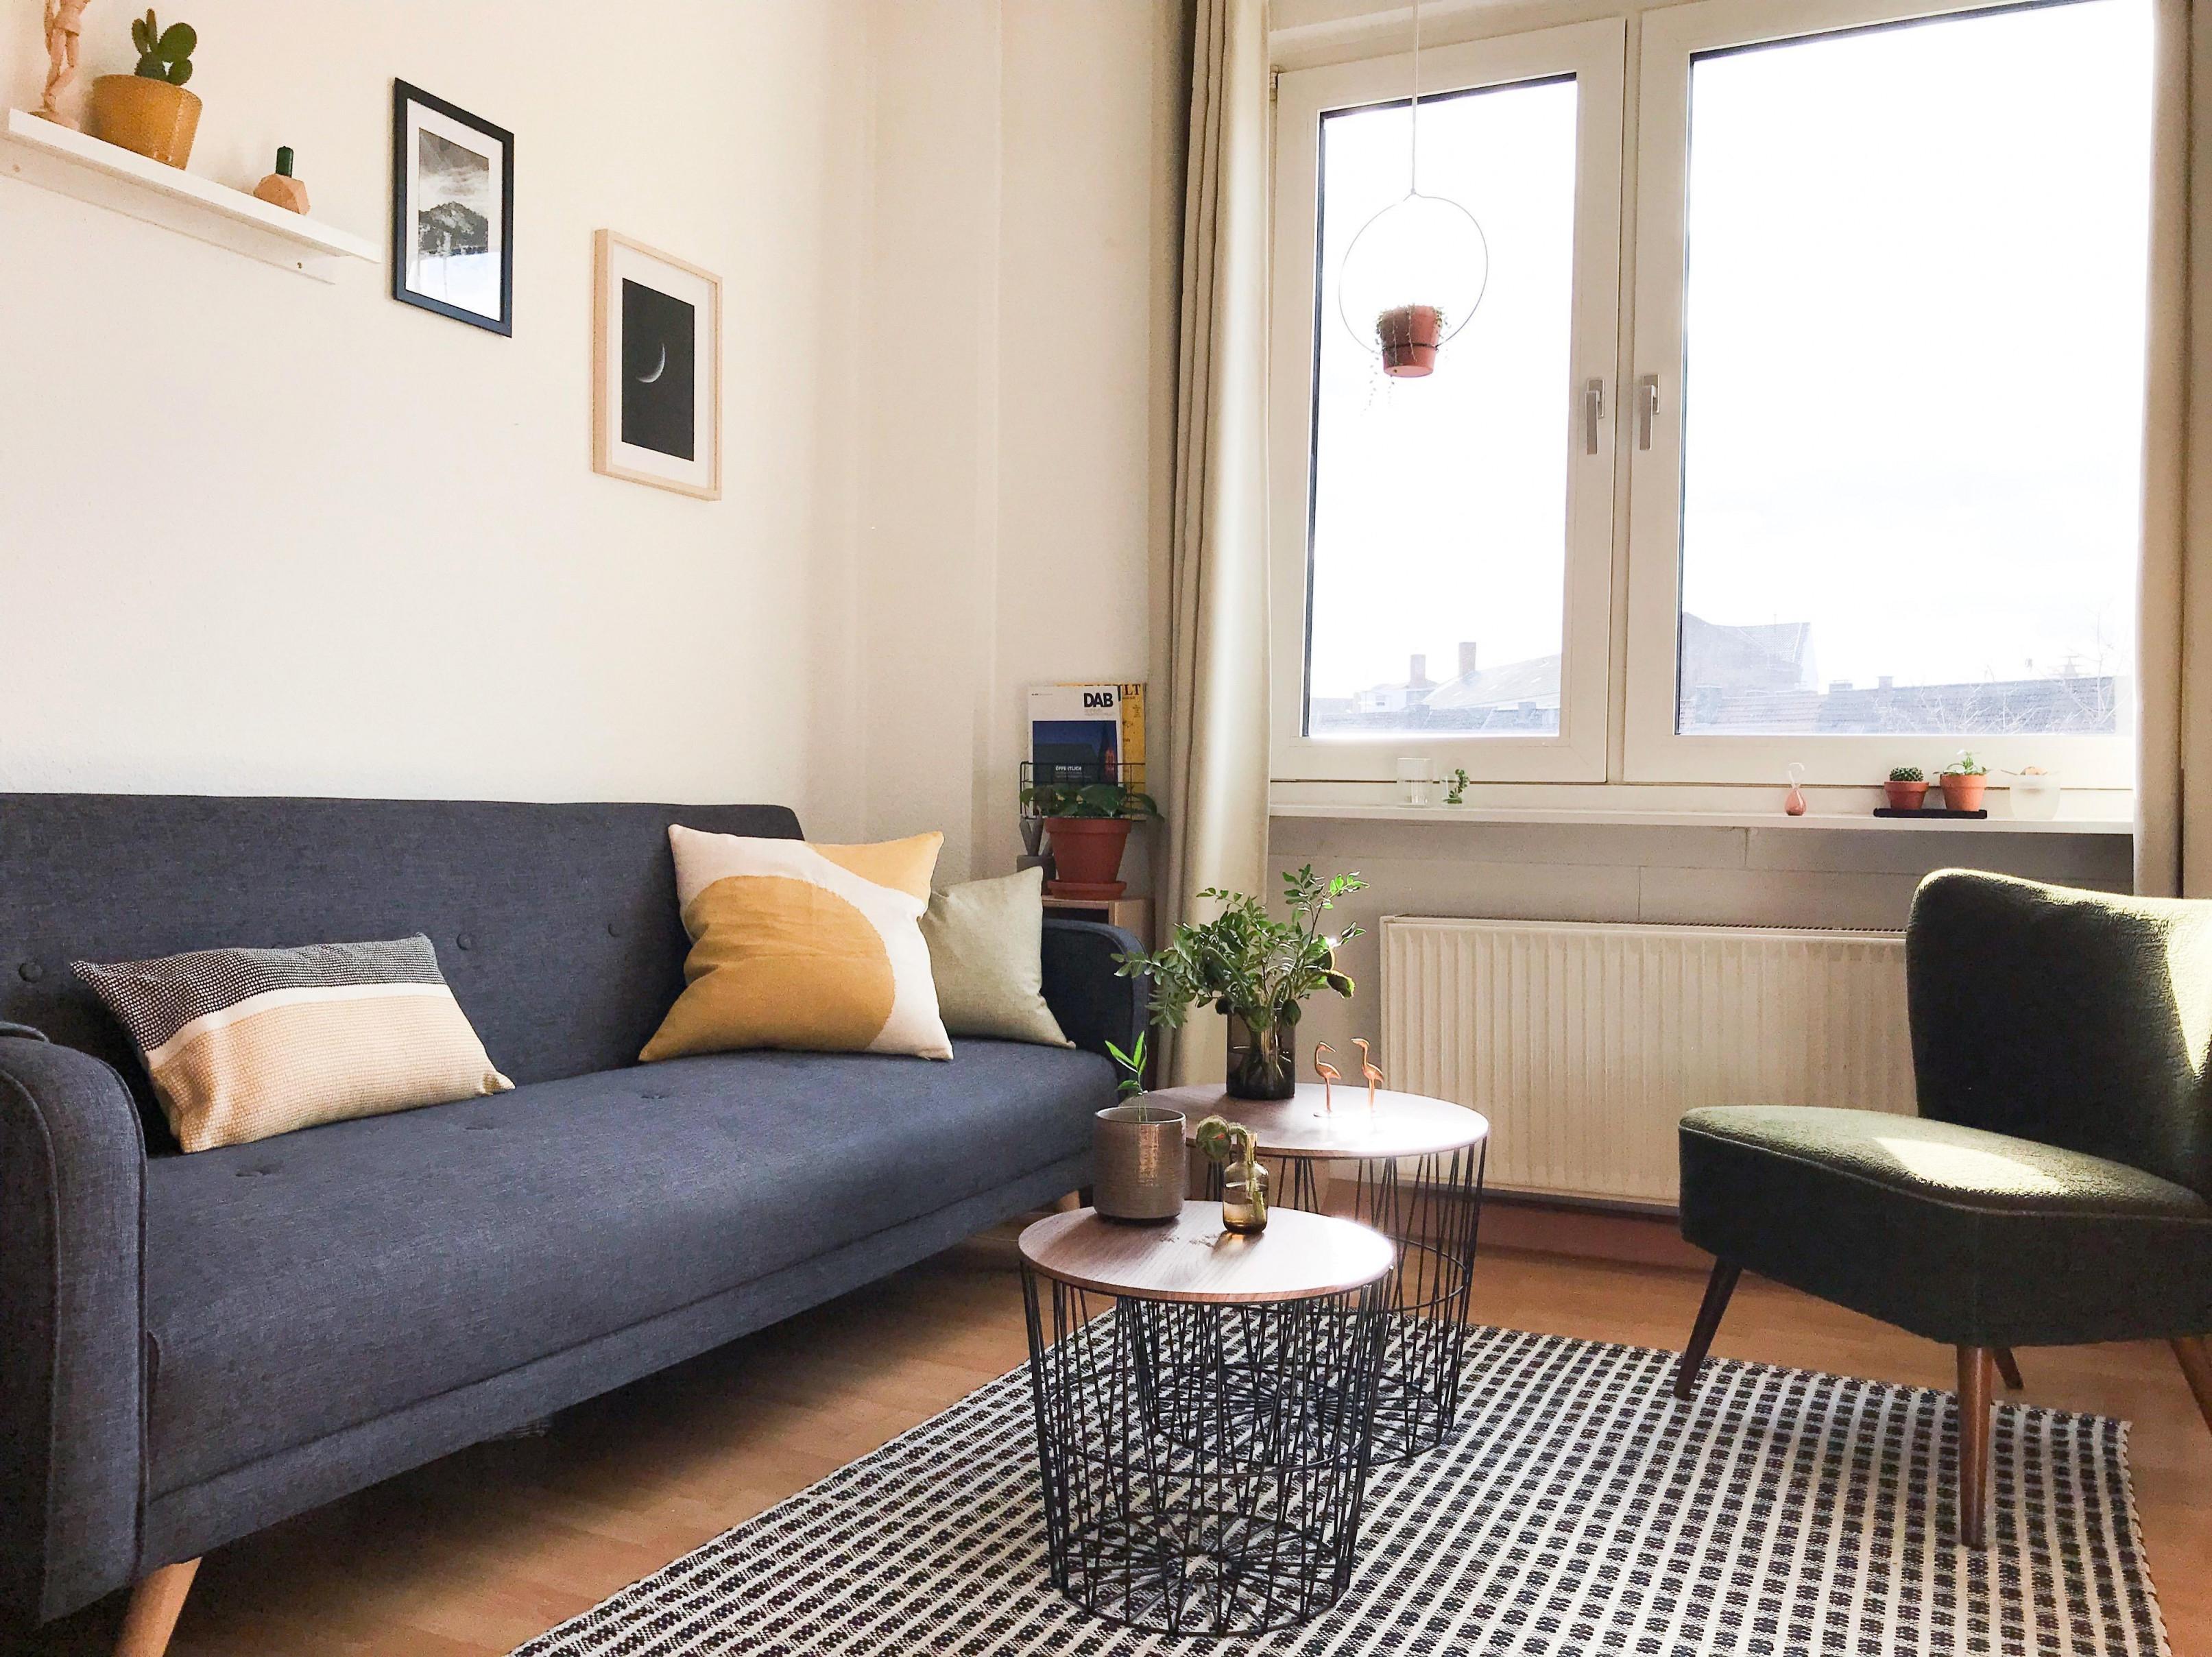 Wohnzimmer Deko Frühling Livingroom Scandi Cou von Deko Frühling Wohnzimmer Photo